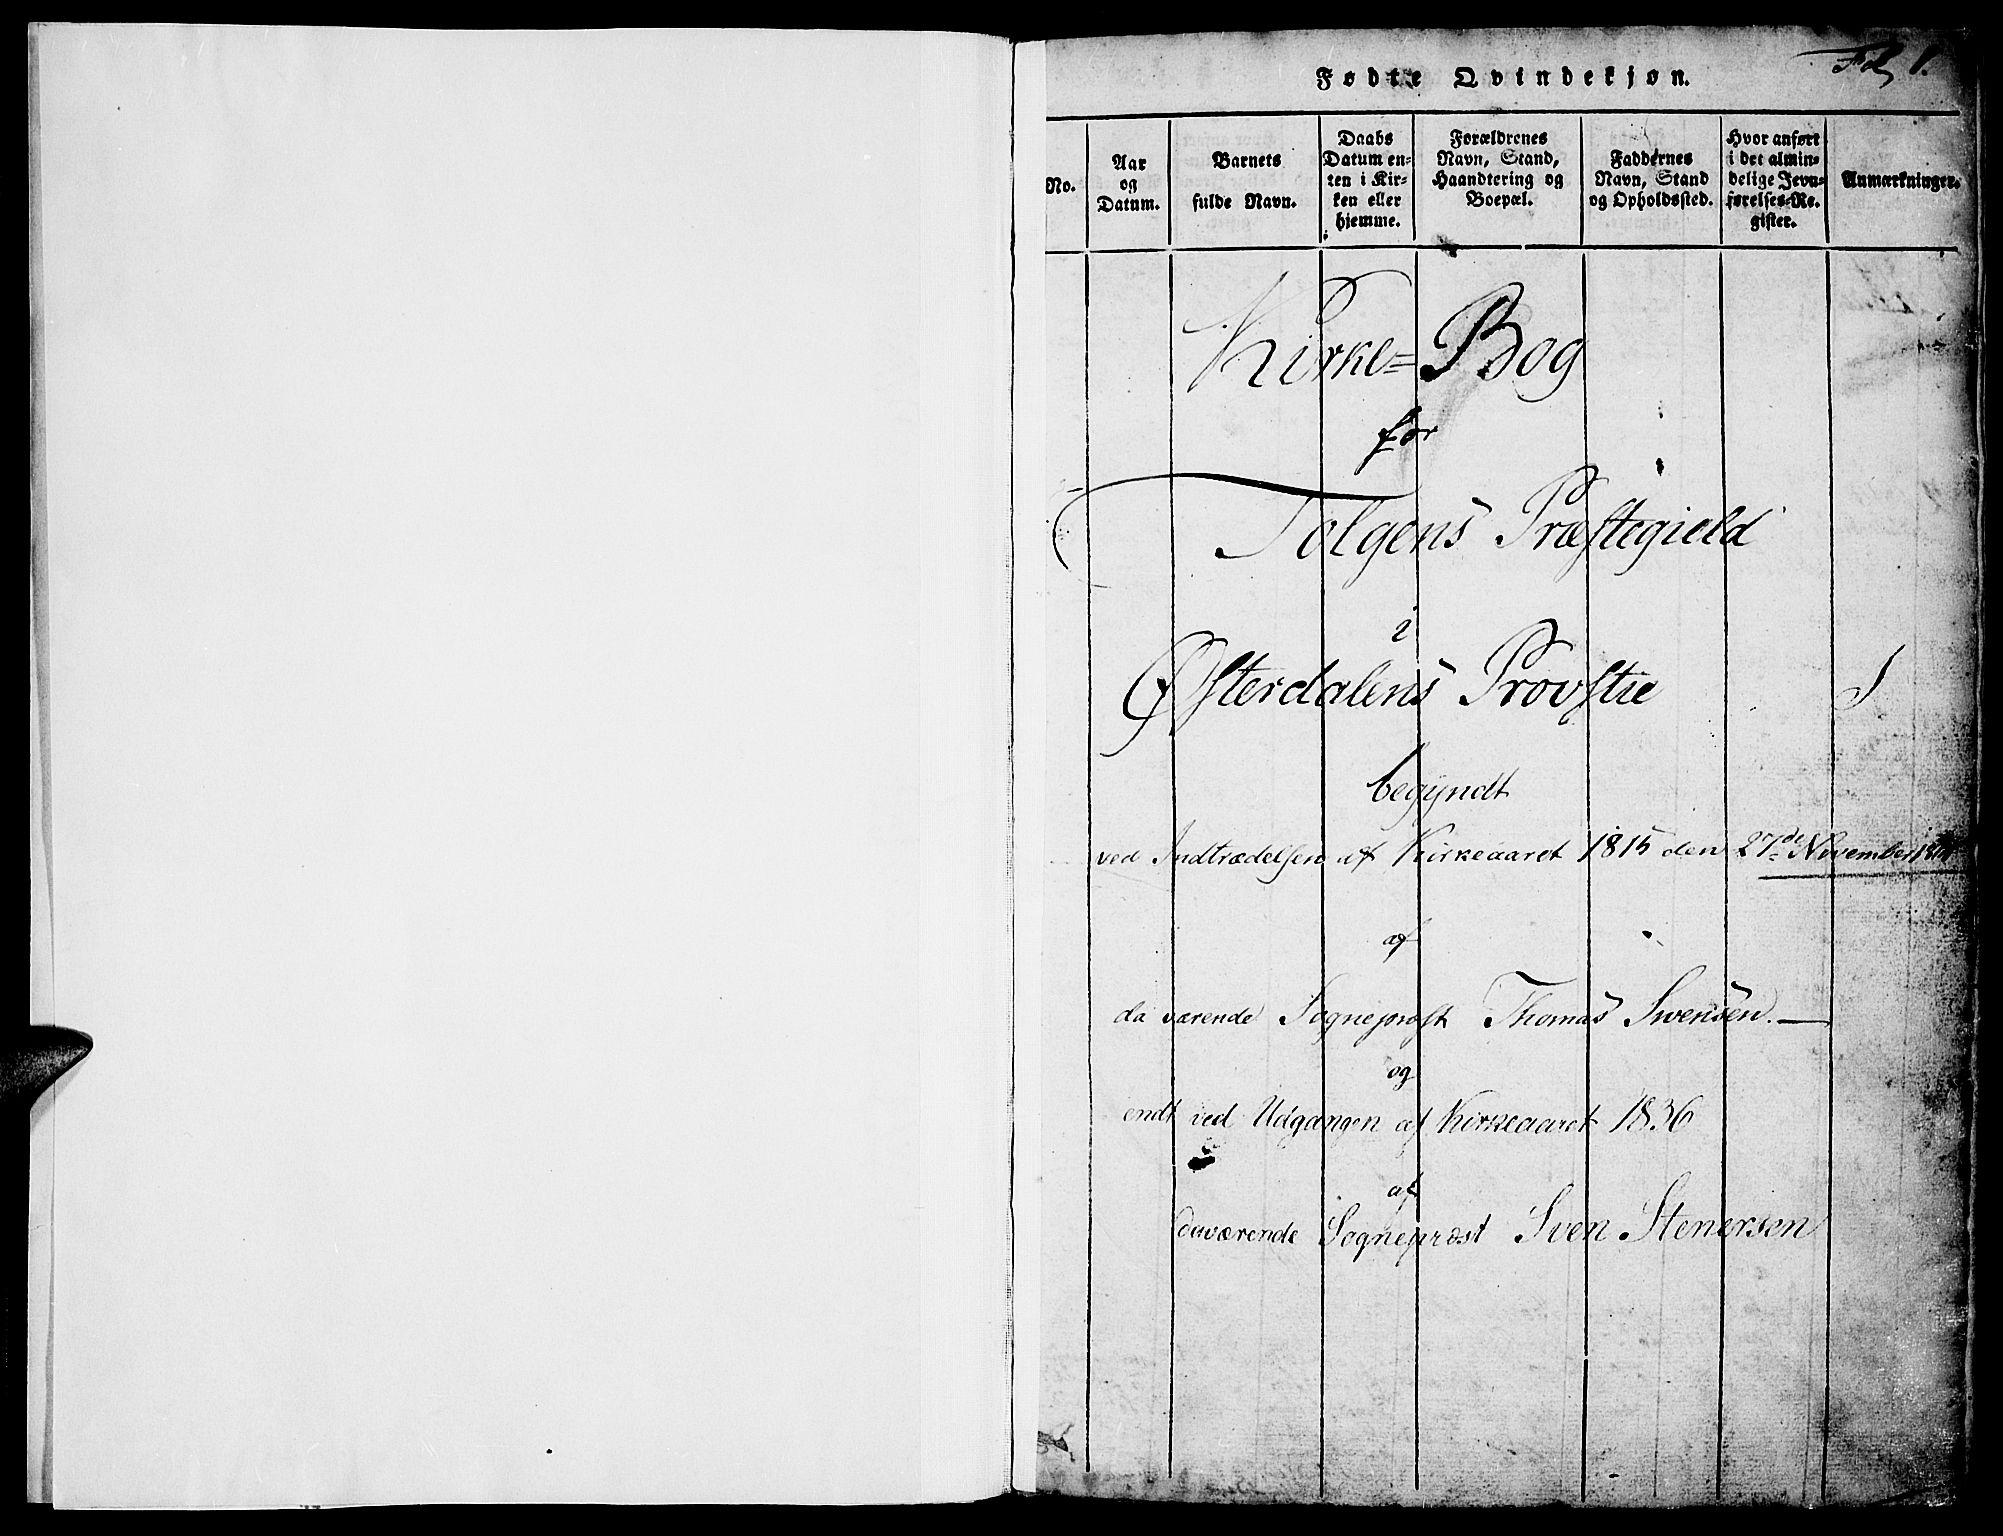 SAH, Tolga prestekontor, K/L0004: Ministerialbok nr. 4, 1815-1836, s. 1